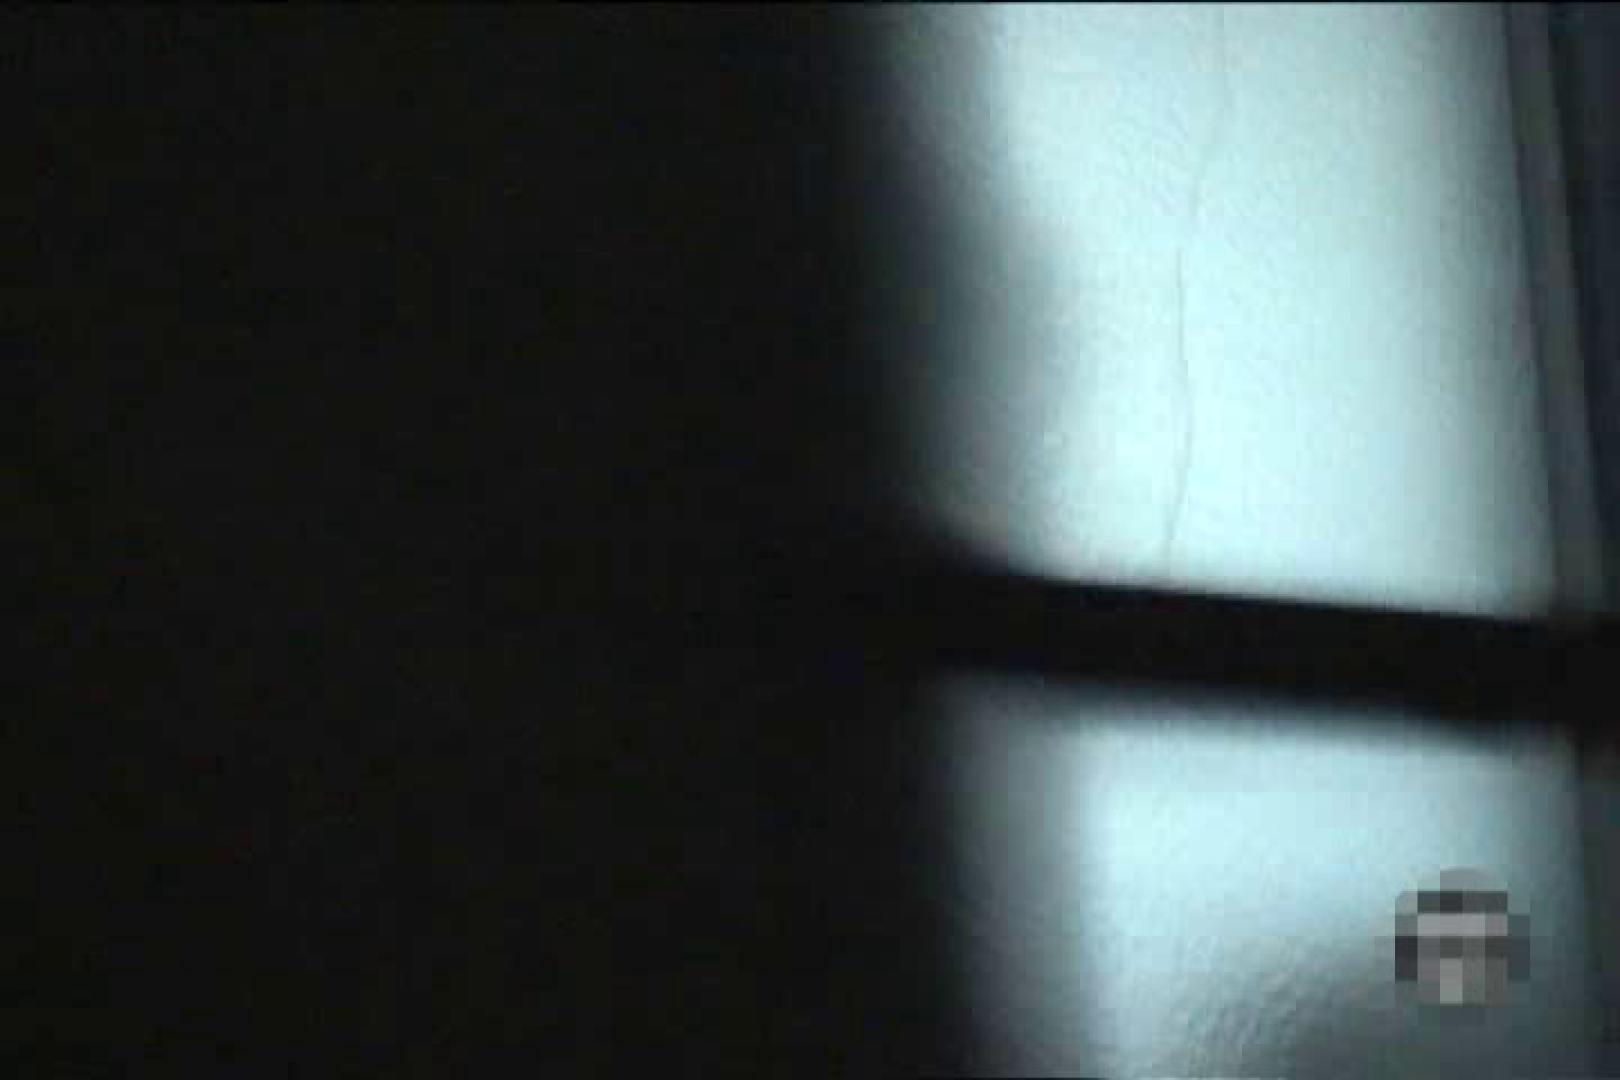 暗躍する夜這い師達Vol.7 OLヌード天国  93PIX 46